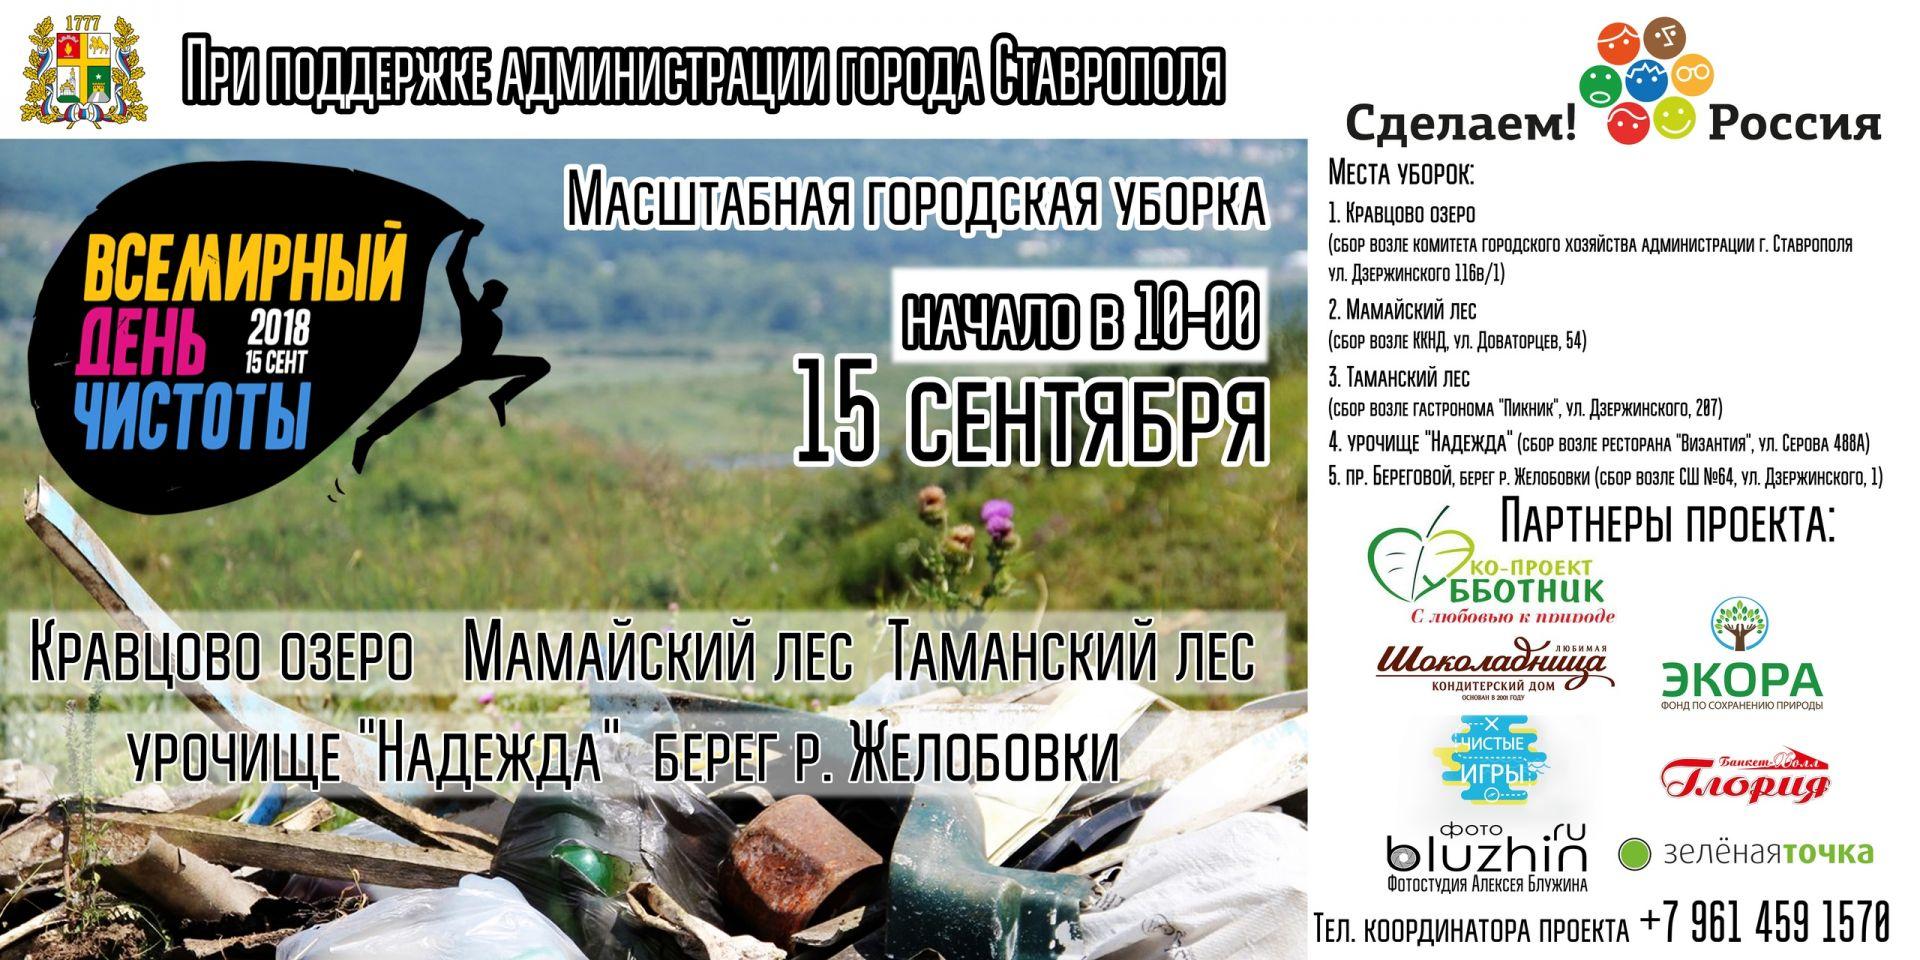 15 сентября в Мамайском лесу Ставрополя пройдёт экологический квест «Чистые игры»